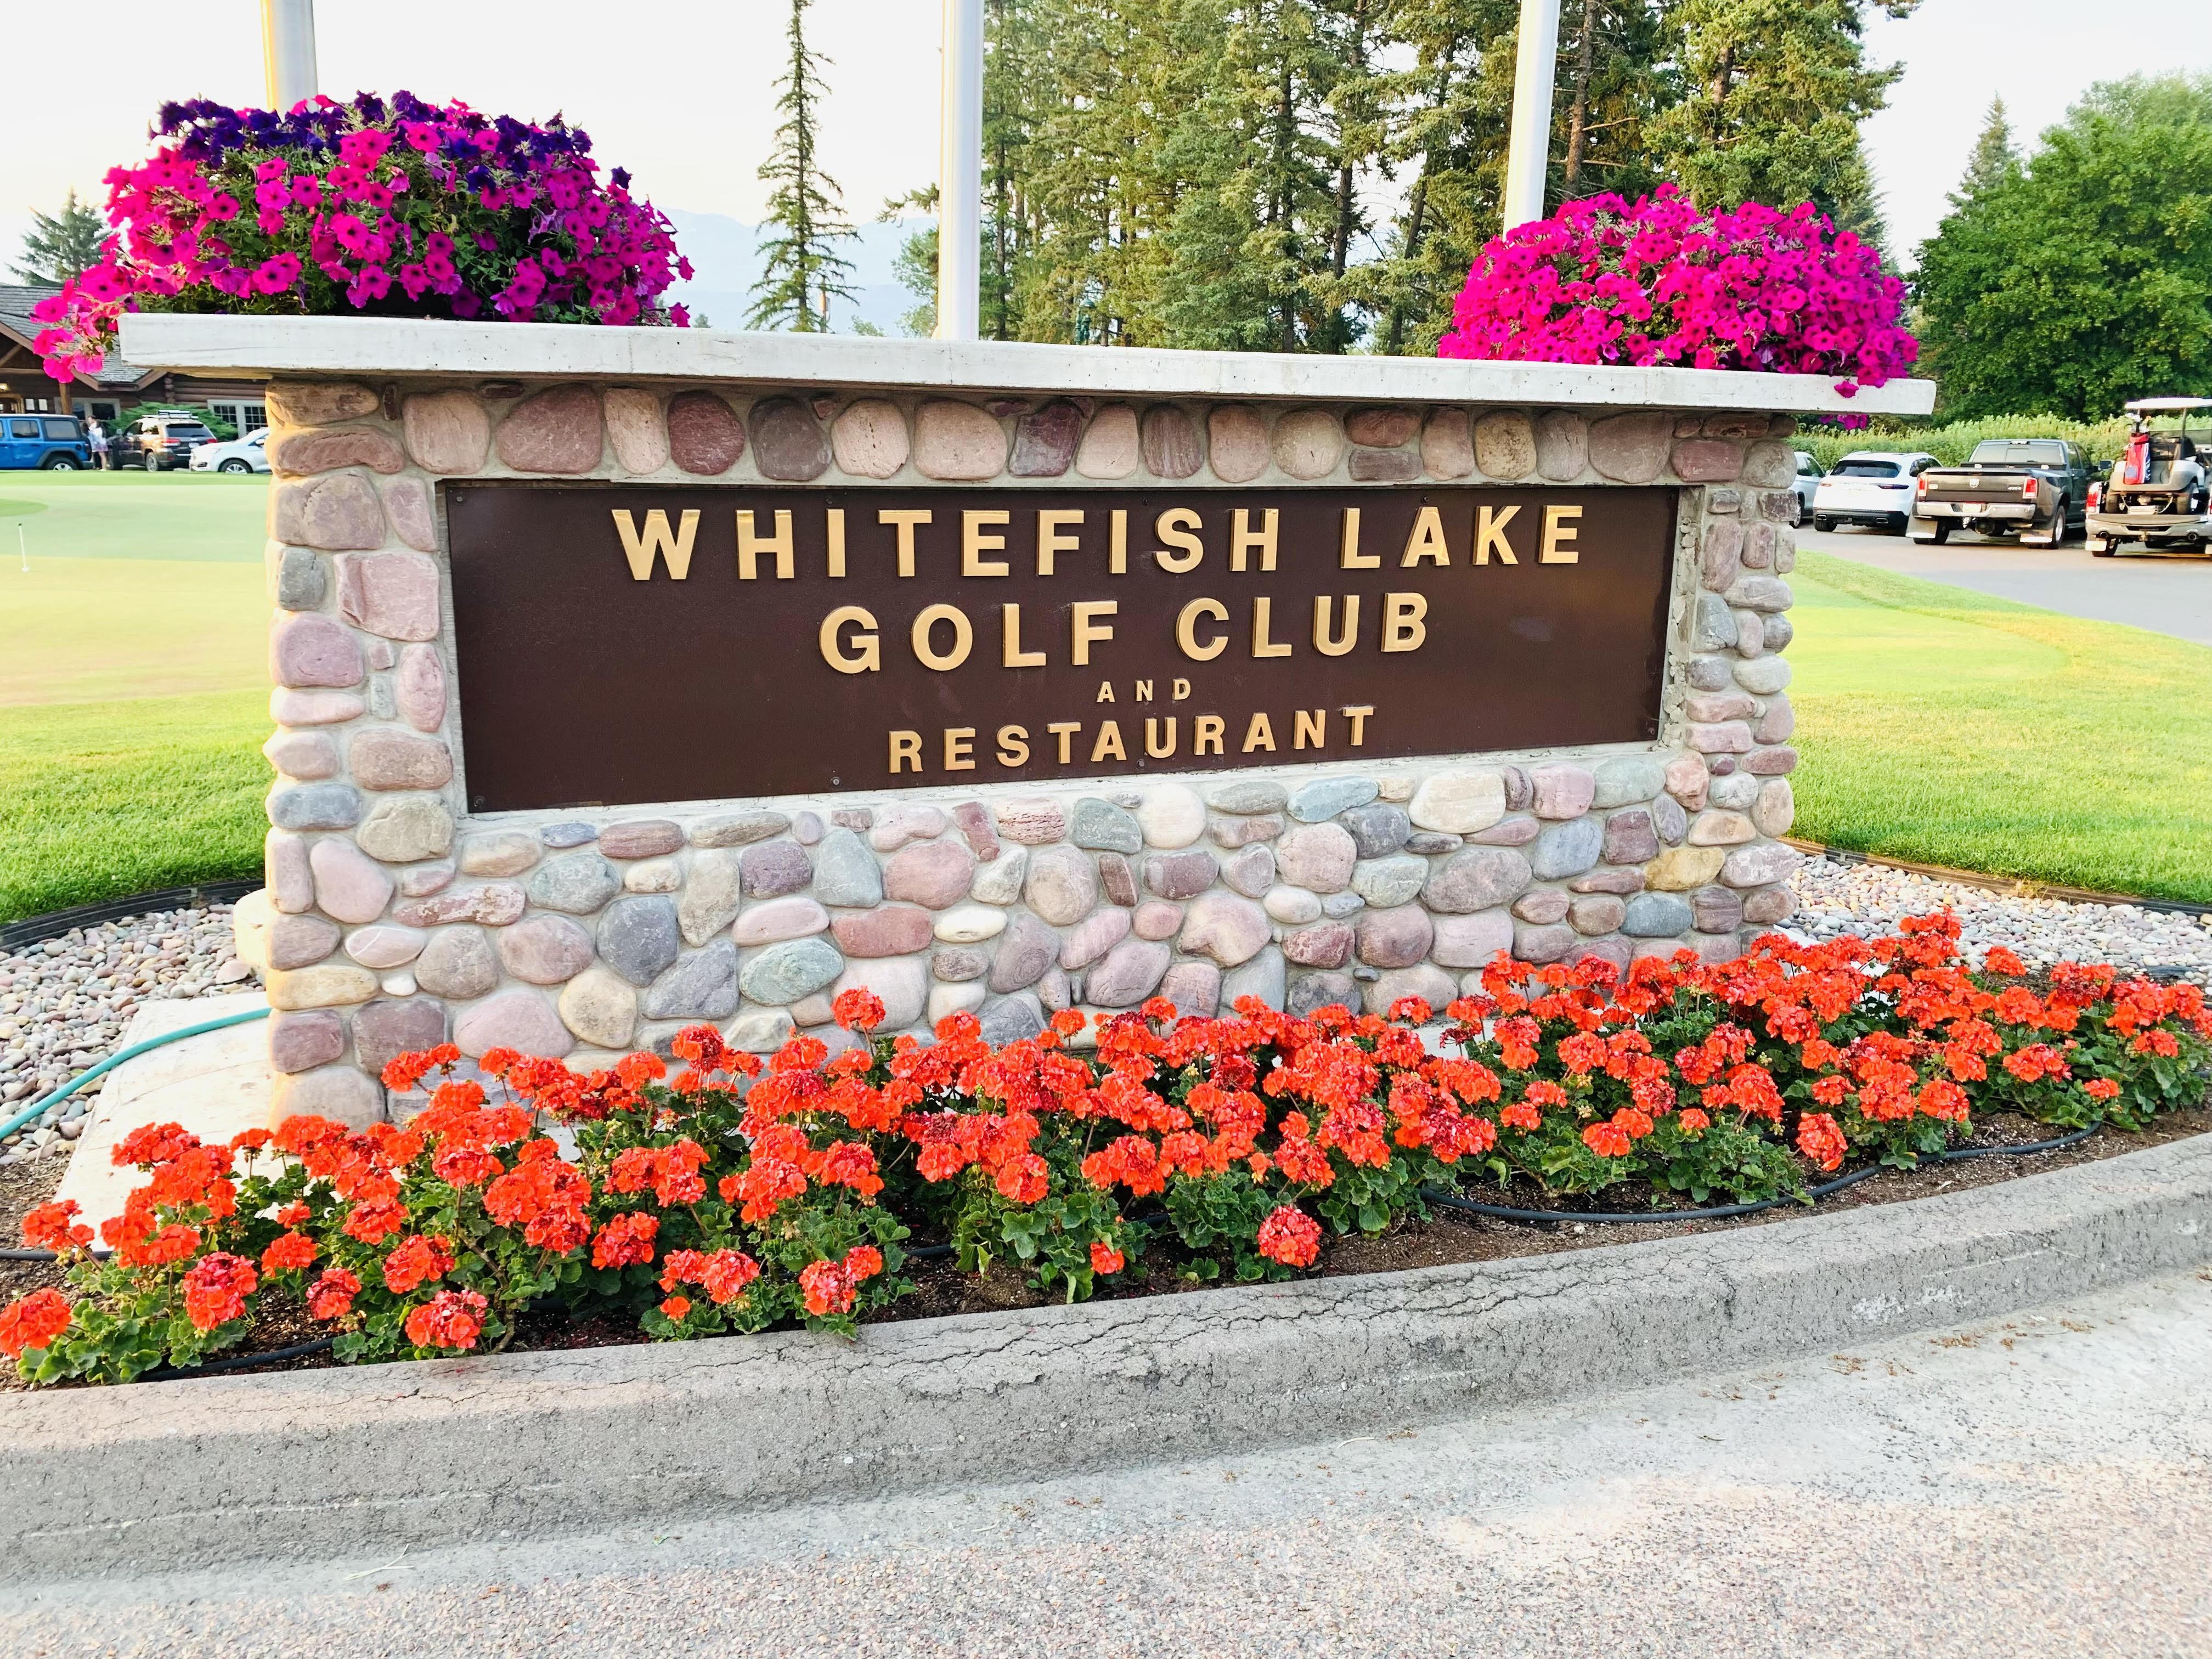 Whitefish Lake Golf Club